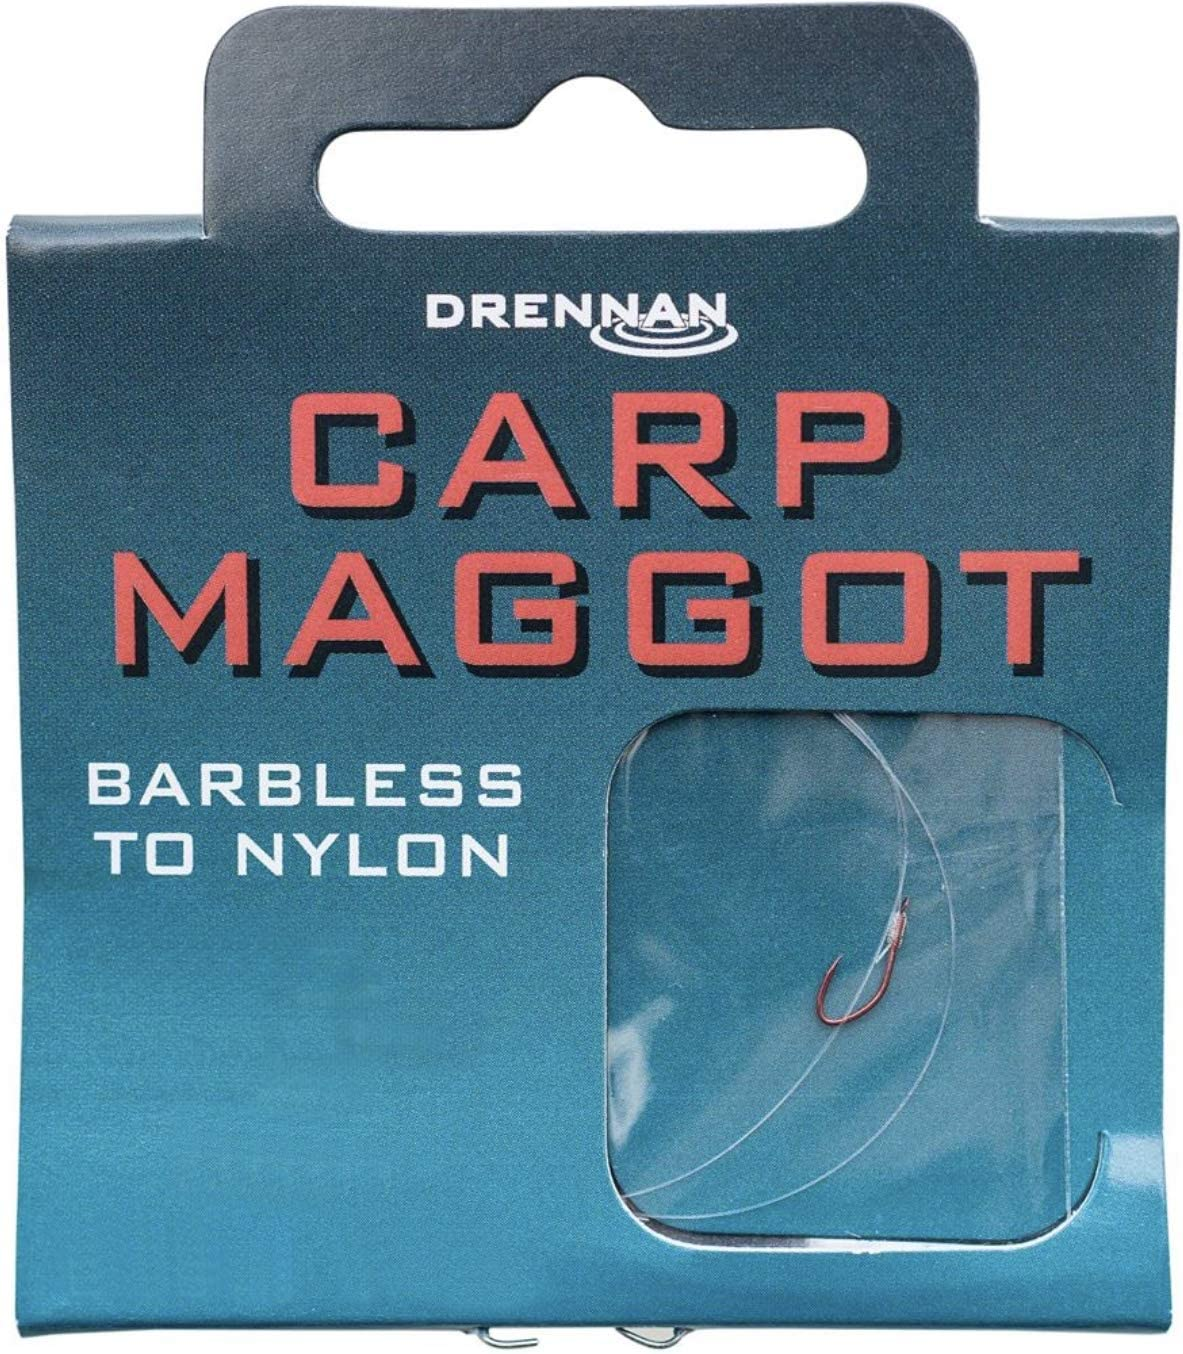 Drennan Barbless Carp Maggot Hooks To Nylon